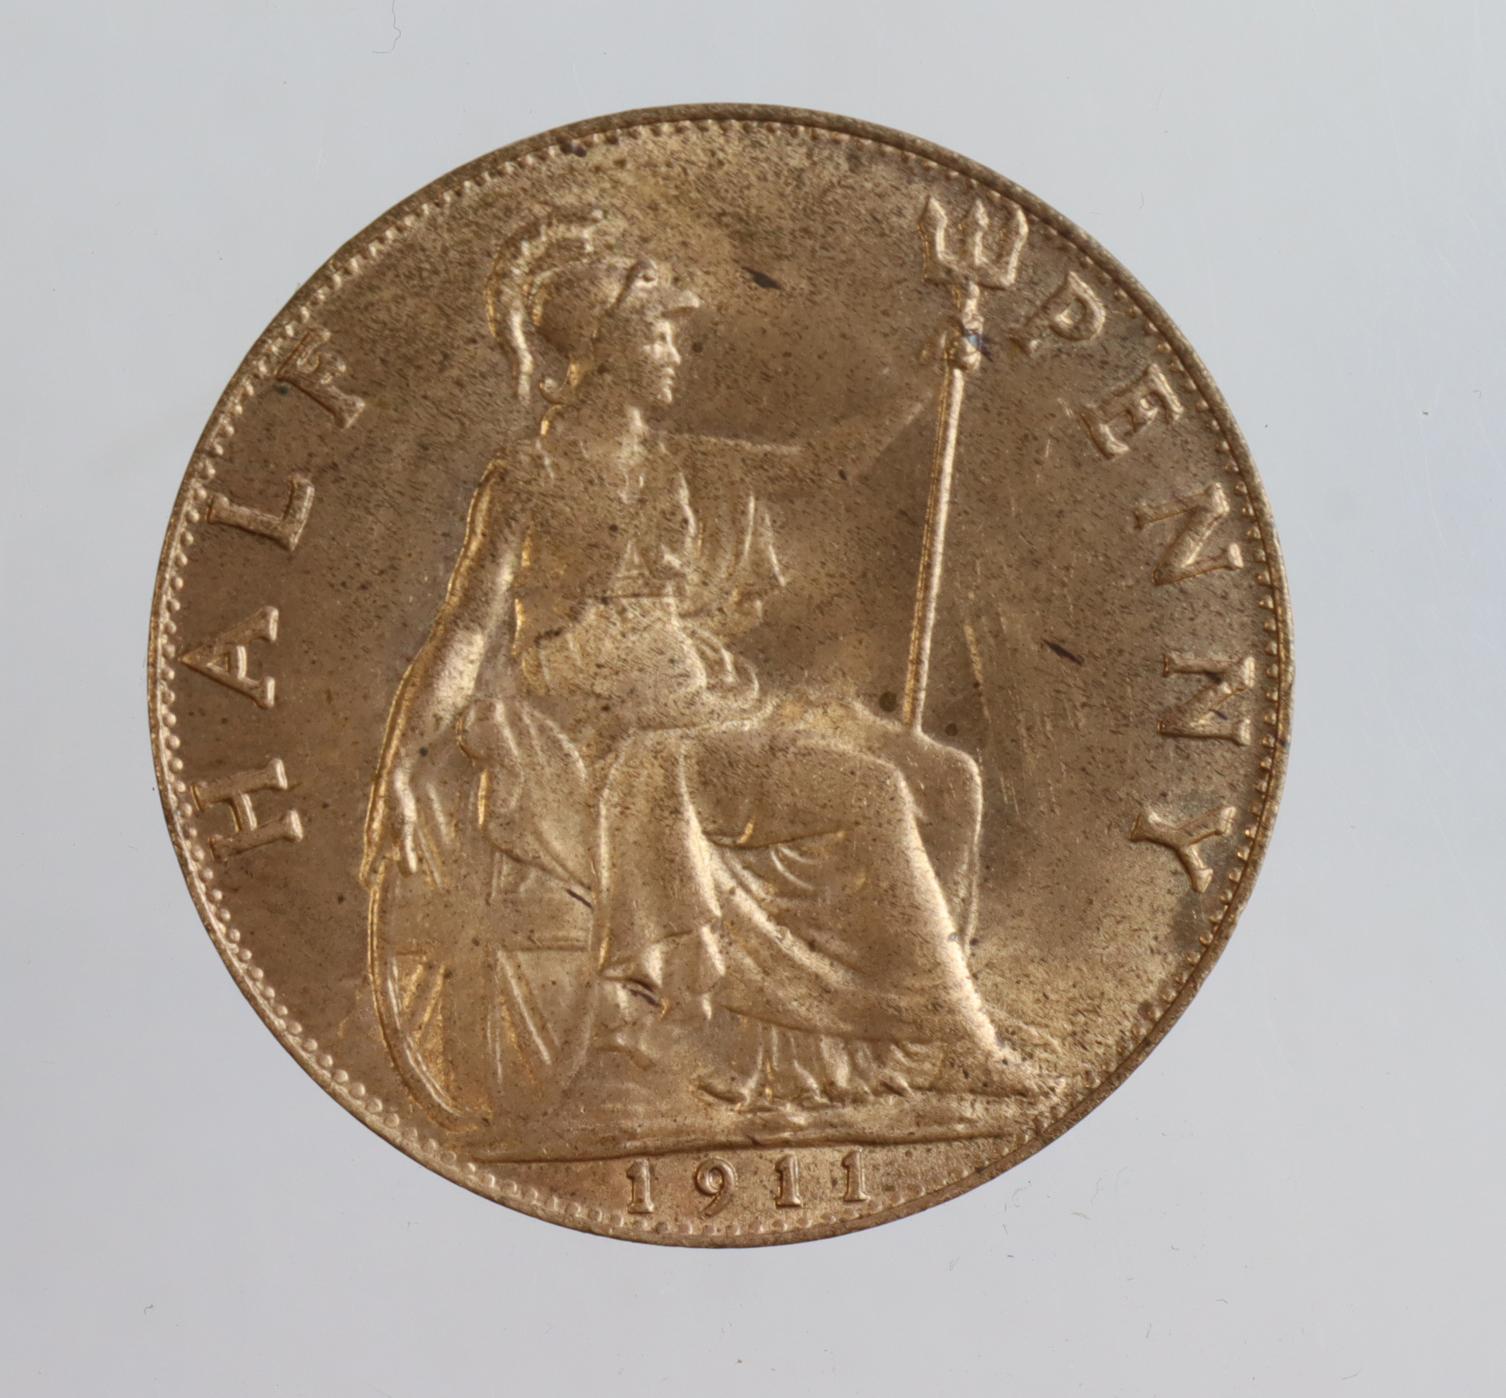 Halfpenny 1911 BU - Image 2 of 2